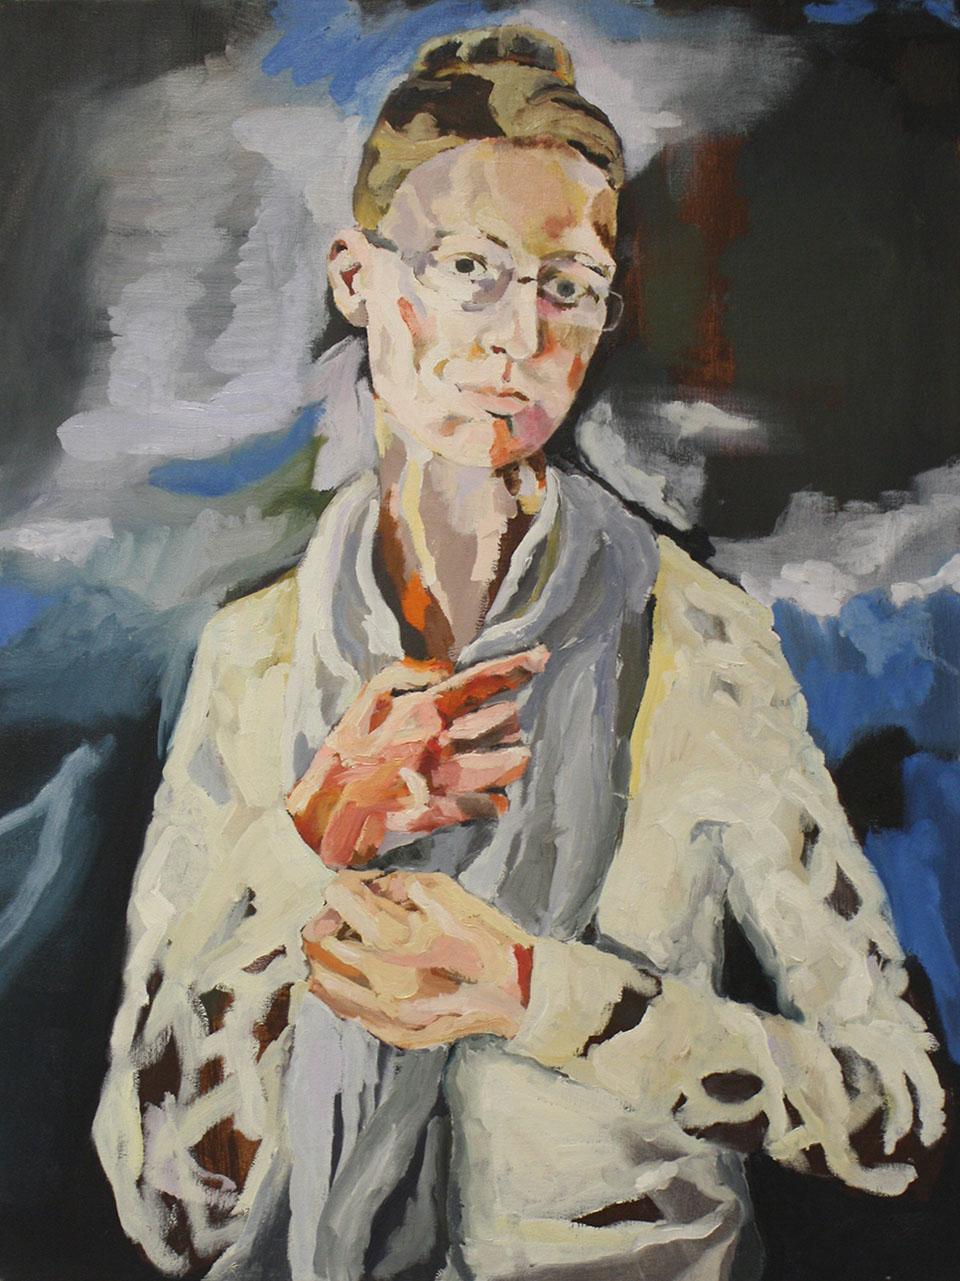 Great Self Portrait By Agata Garbowska